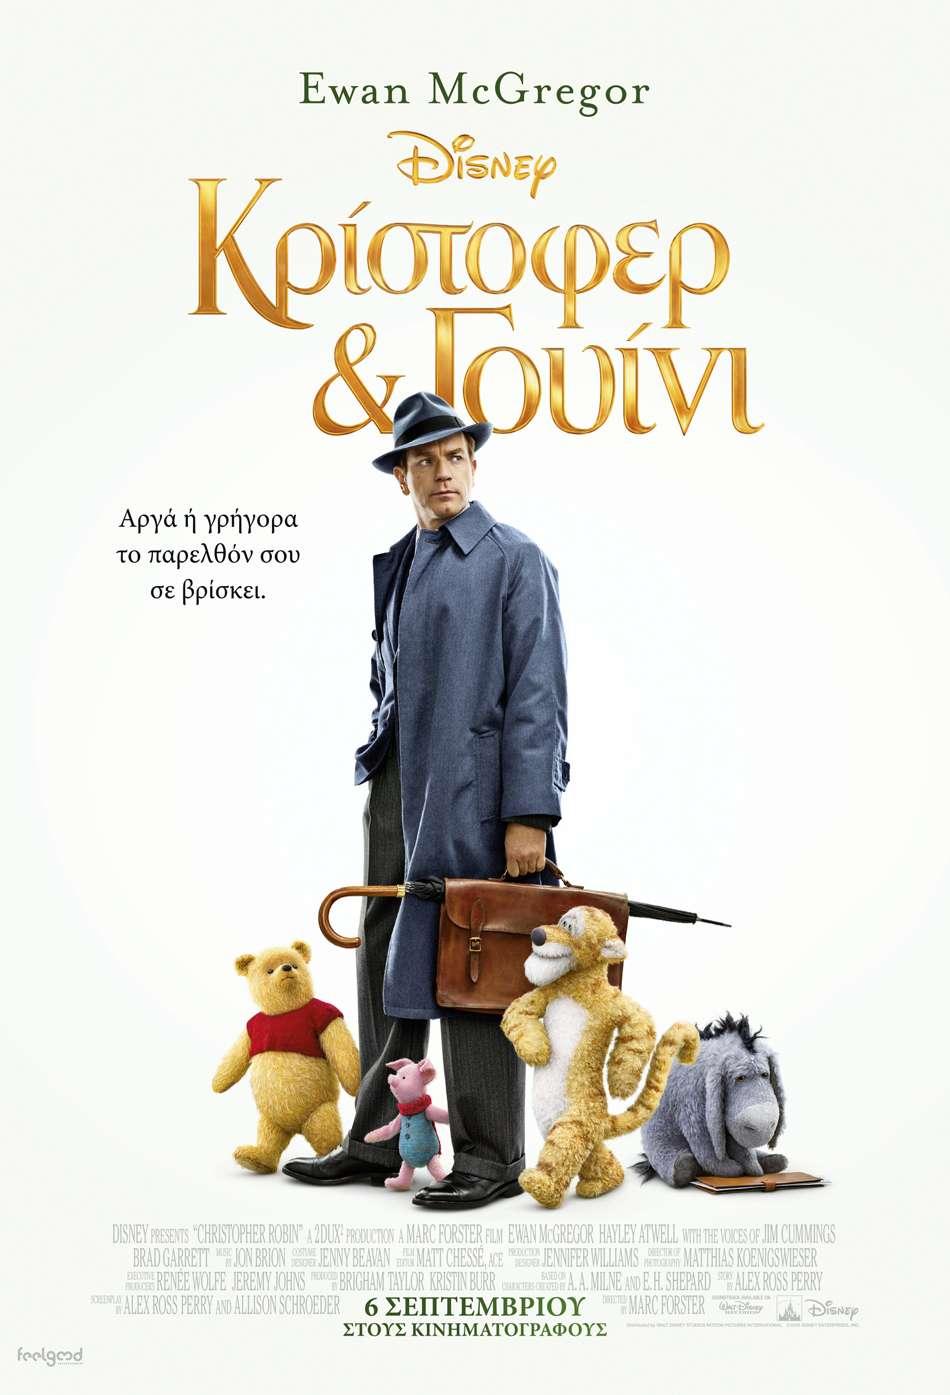 Κρίστοφερ & Γουίνι (Christopher Robin) Poster Πόστερ